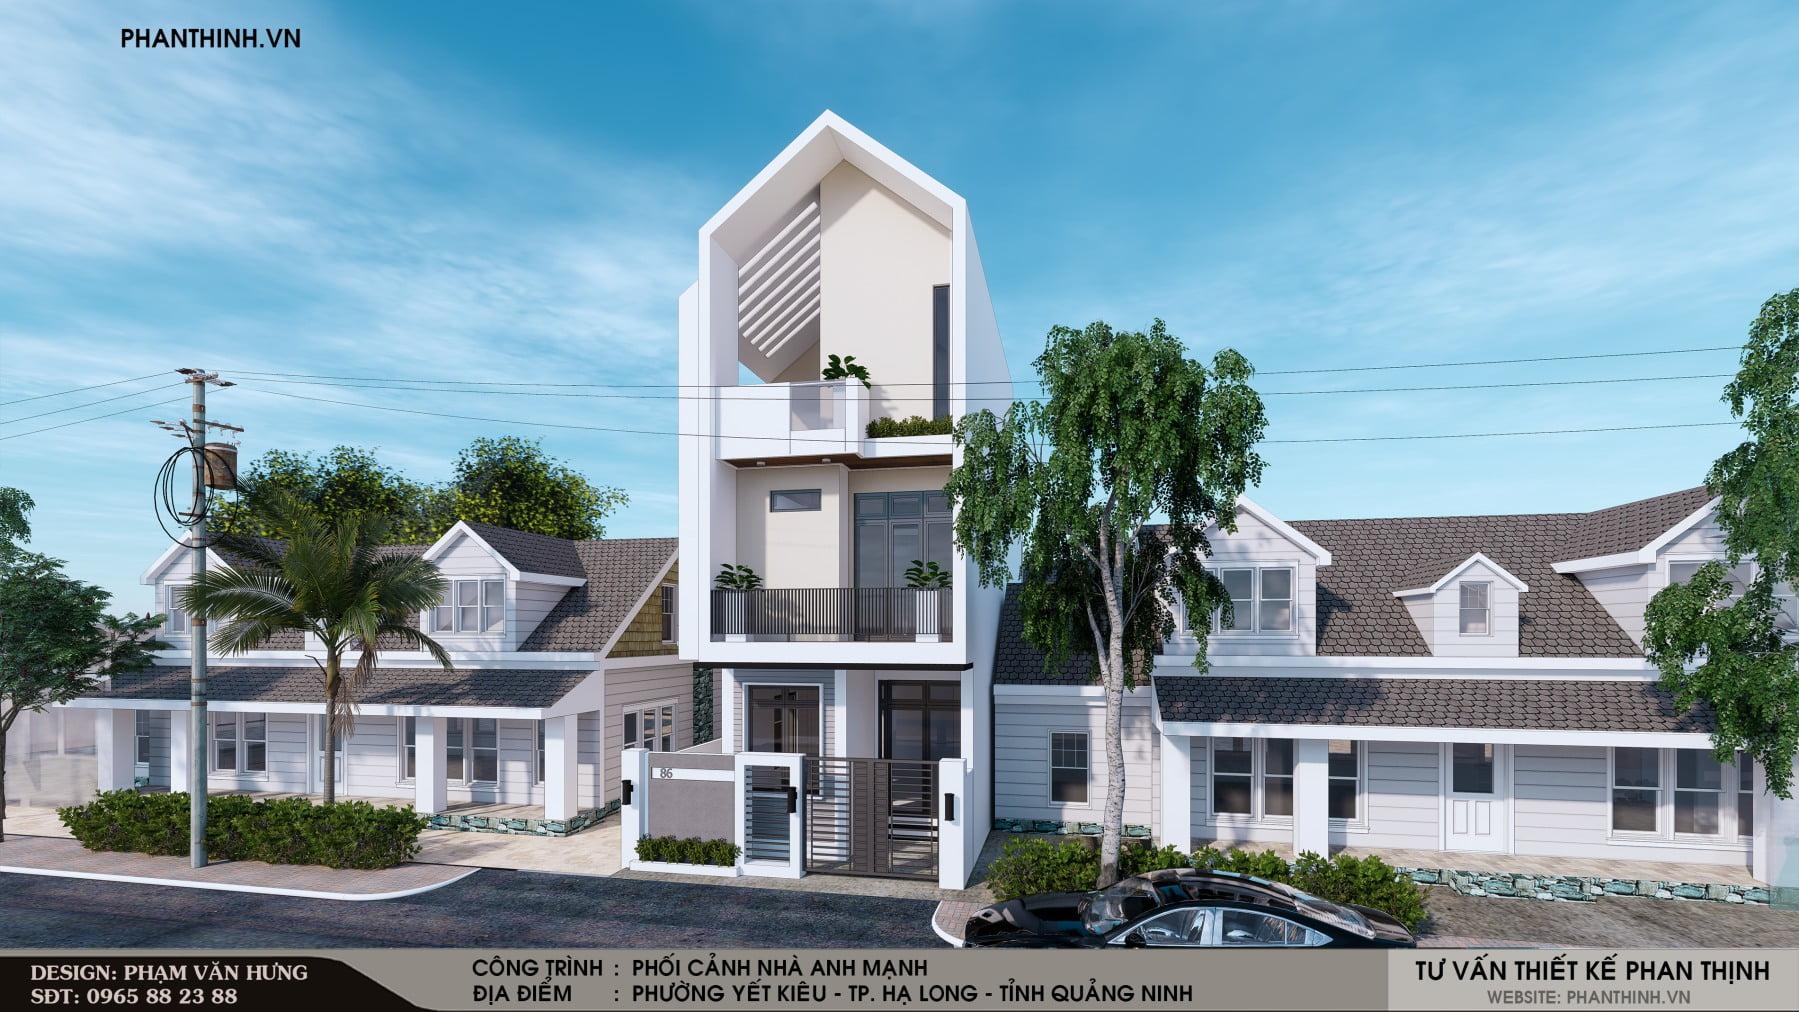 Thiết kế xây dựng nhà phố 3 tầng phong cách hiện đại tại Quảng Ninh